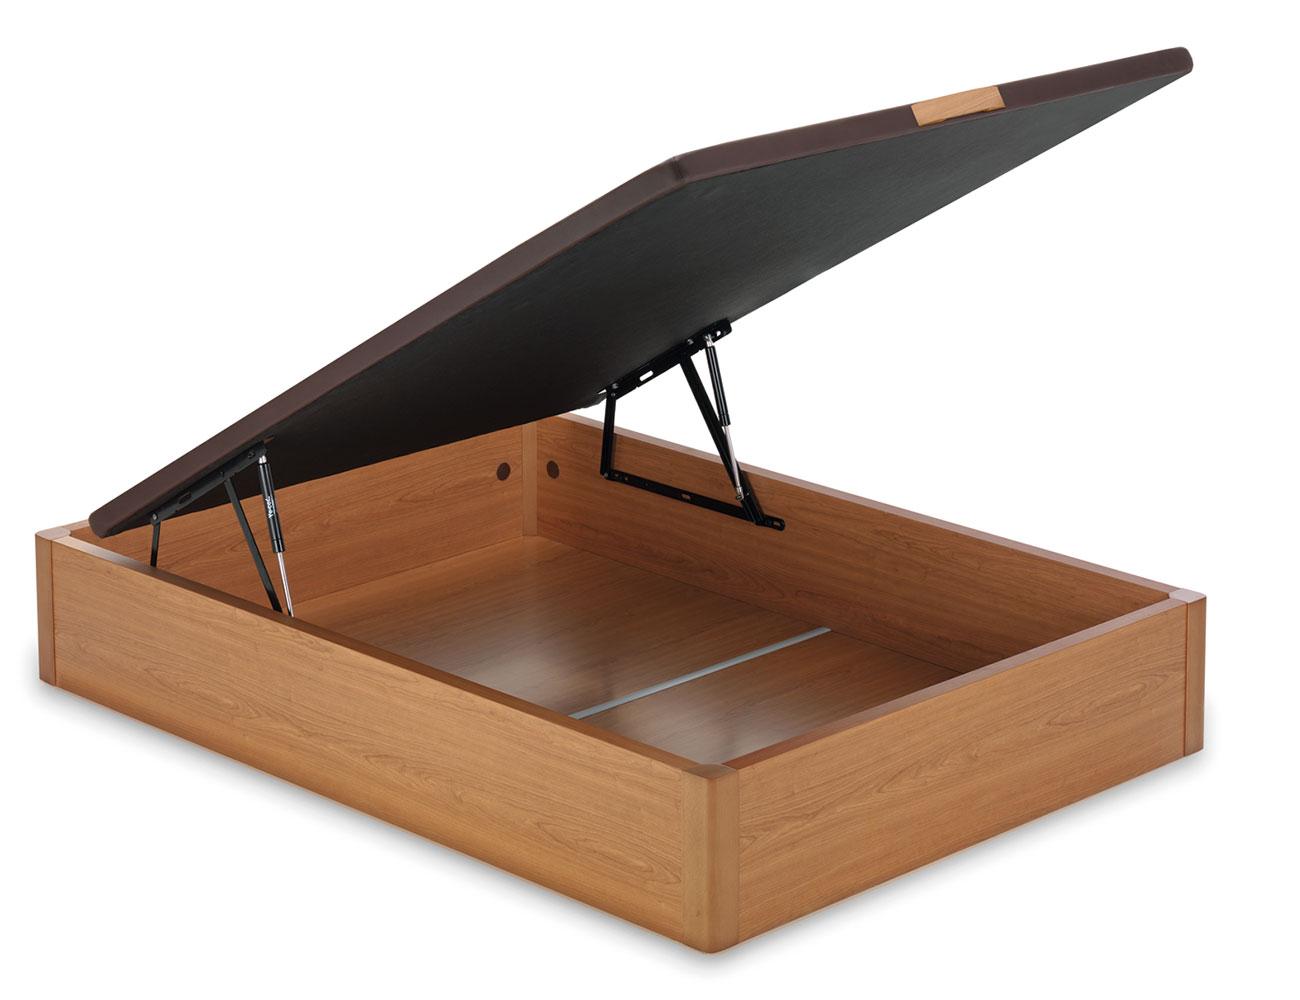 Canape madera 5 cm grosor gran calidad abierto9